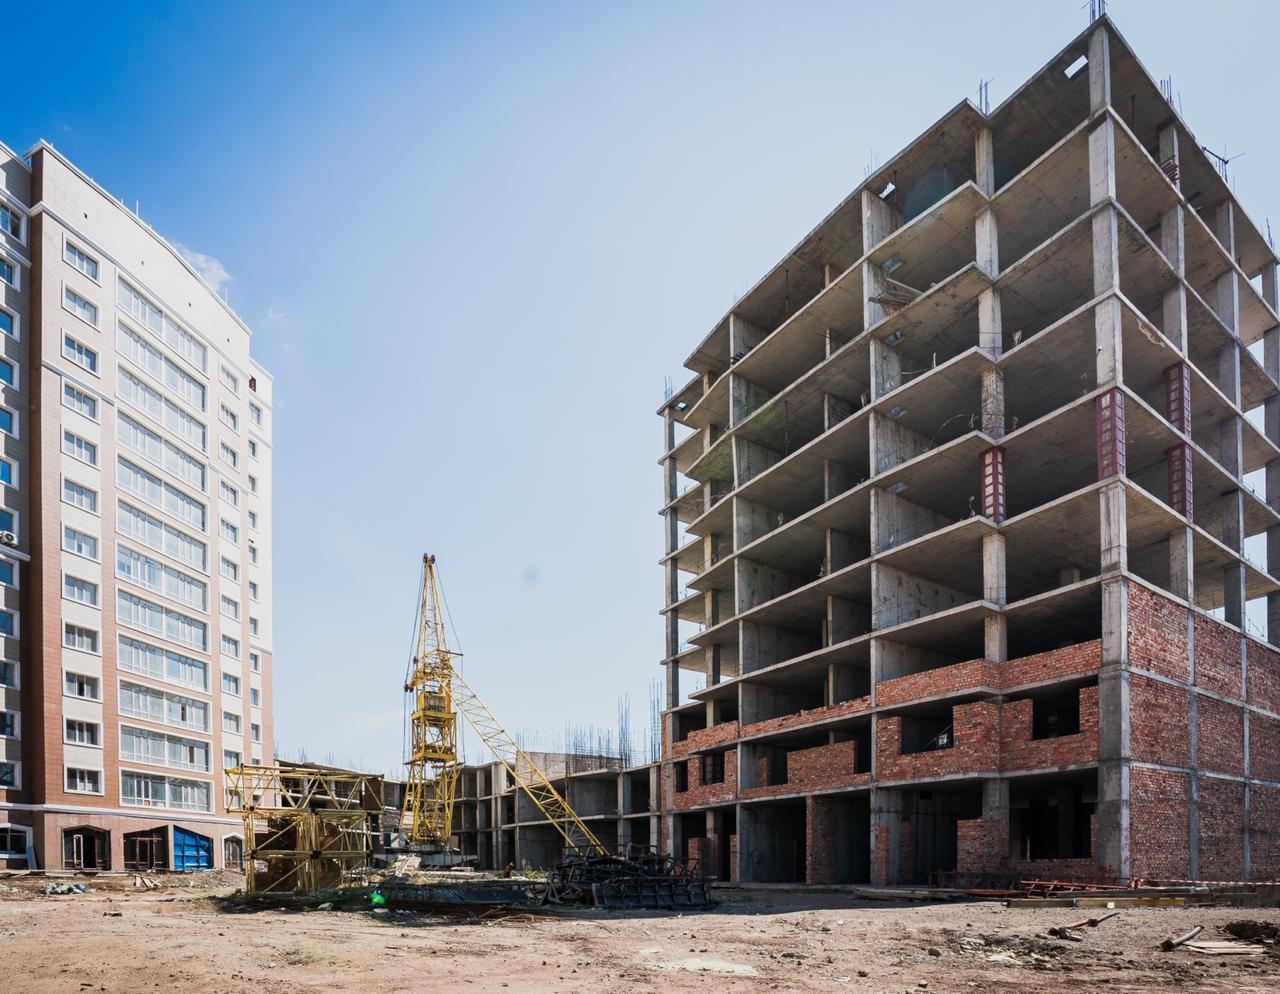 Елордада құрылысы ұзаққа созылған 500 мың шаршы метр үй салынады